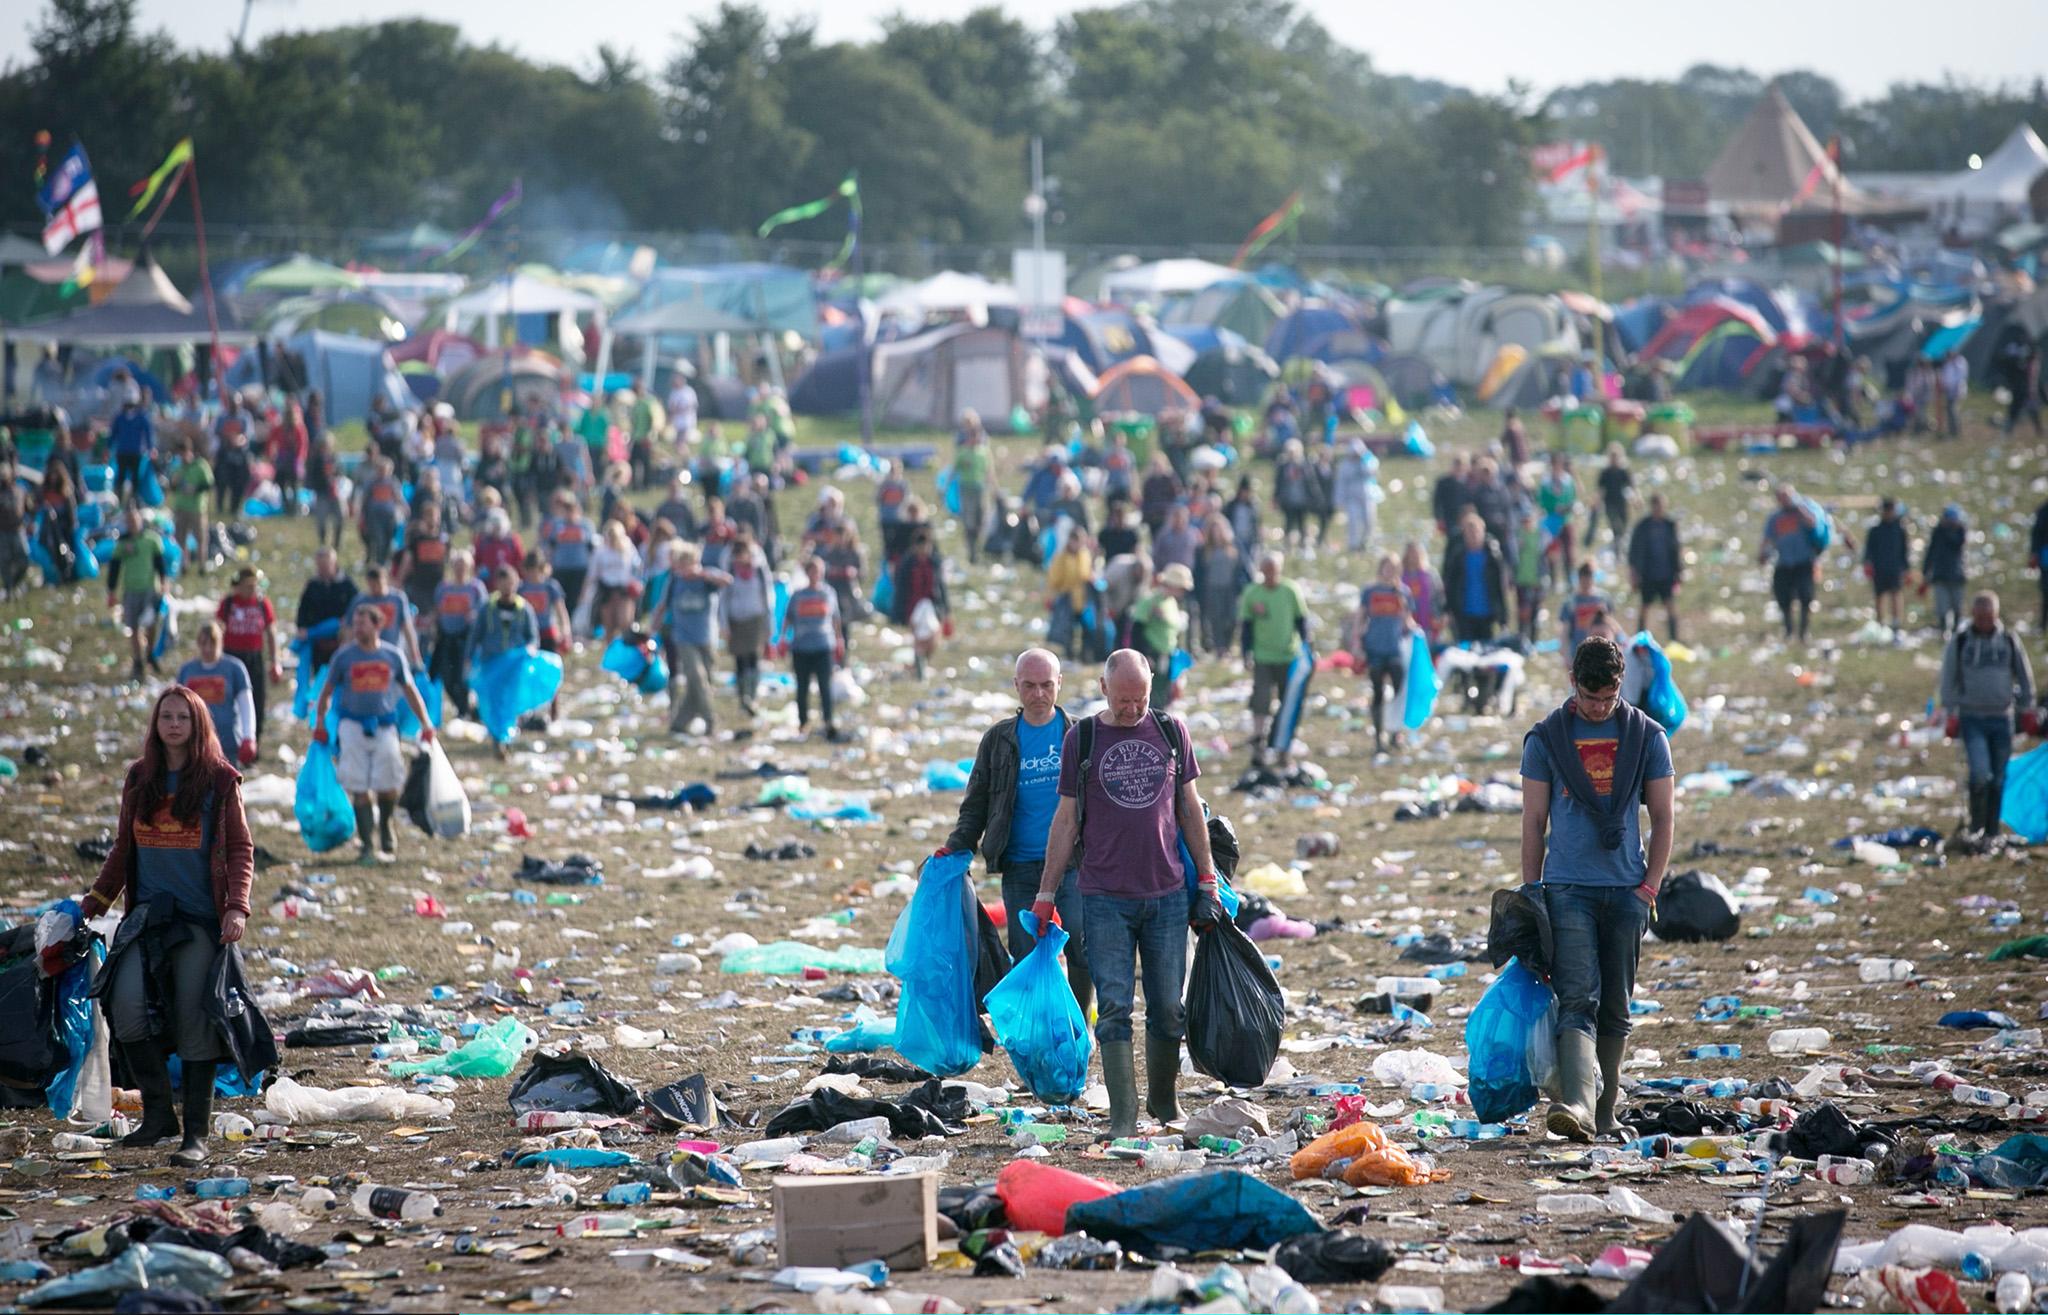 Festival Goers Enjoy Glastonbury 2014